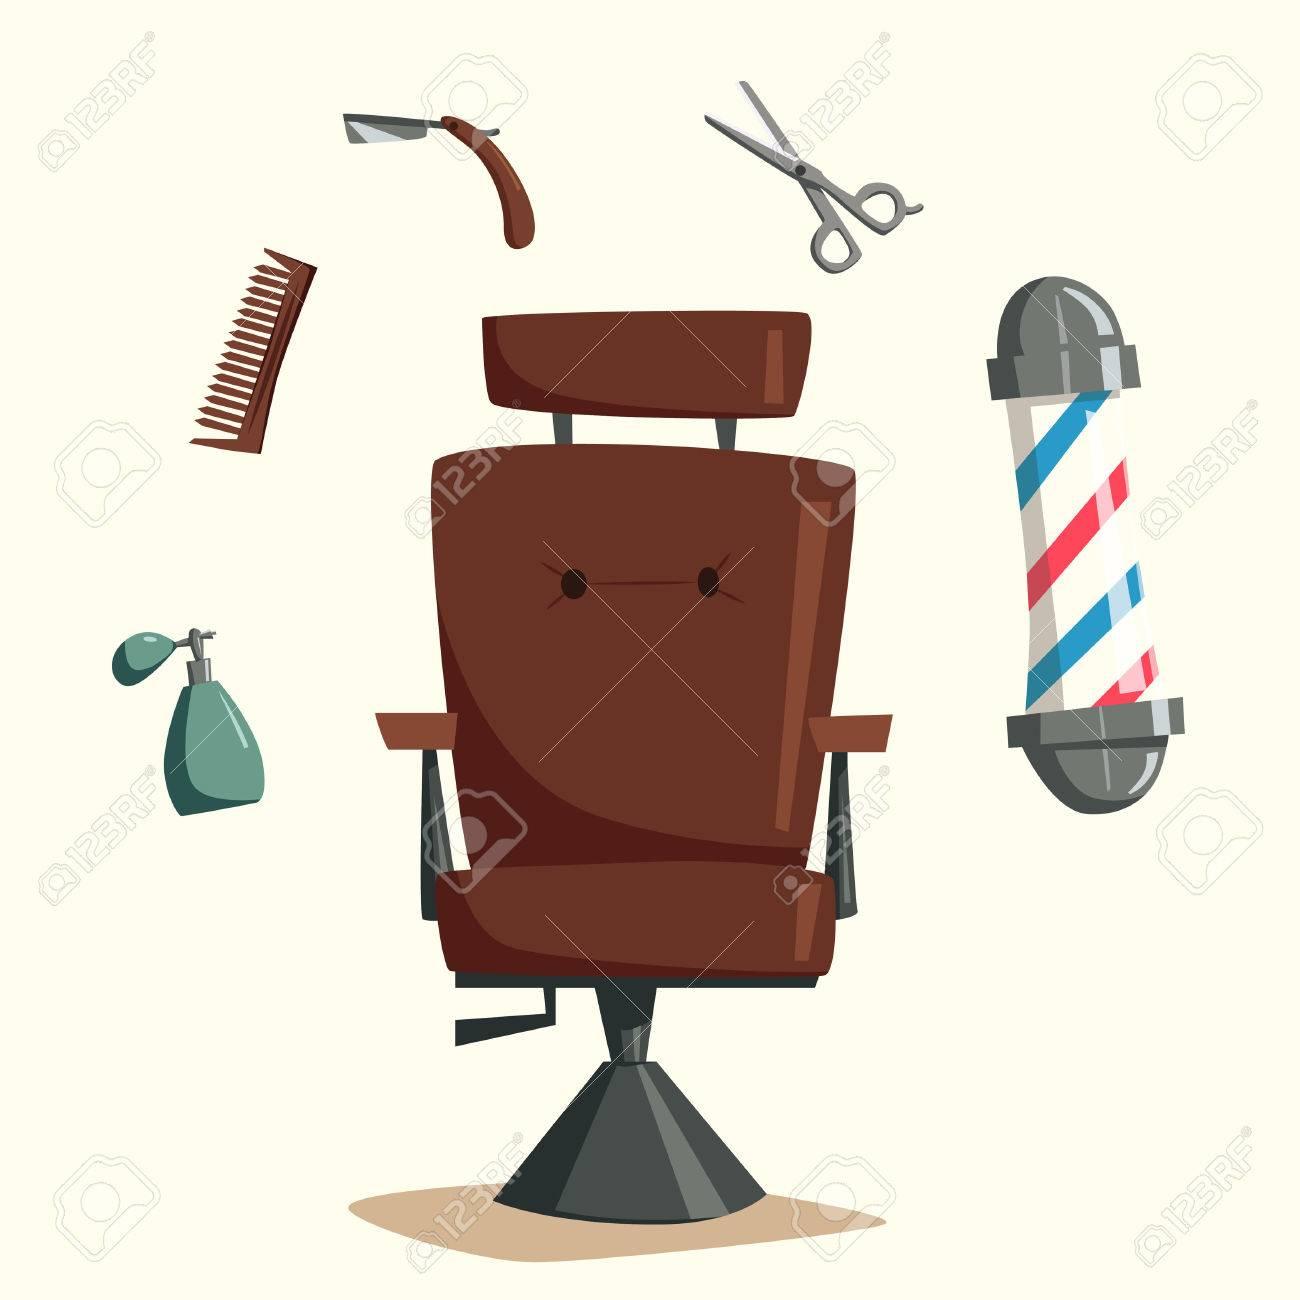 salon de coiffure vecteur cartoon illustration ciseaux a la main coiffure vintage ensemble d outils